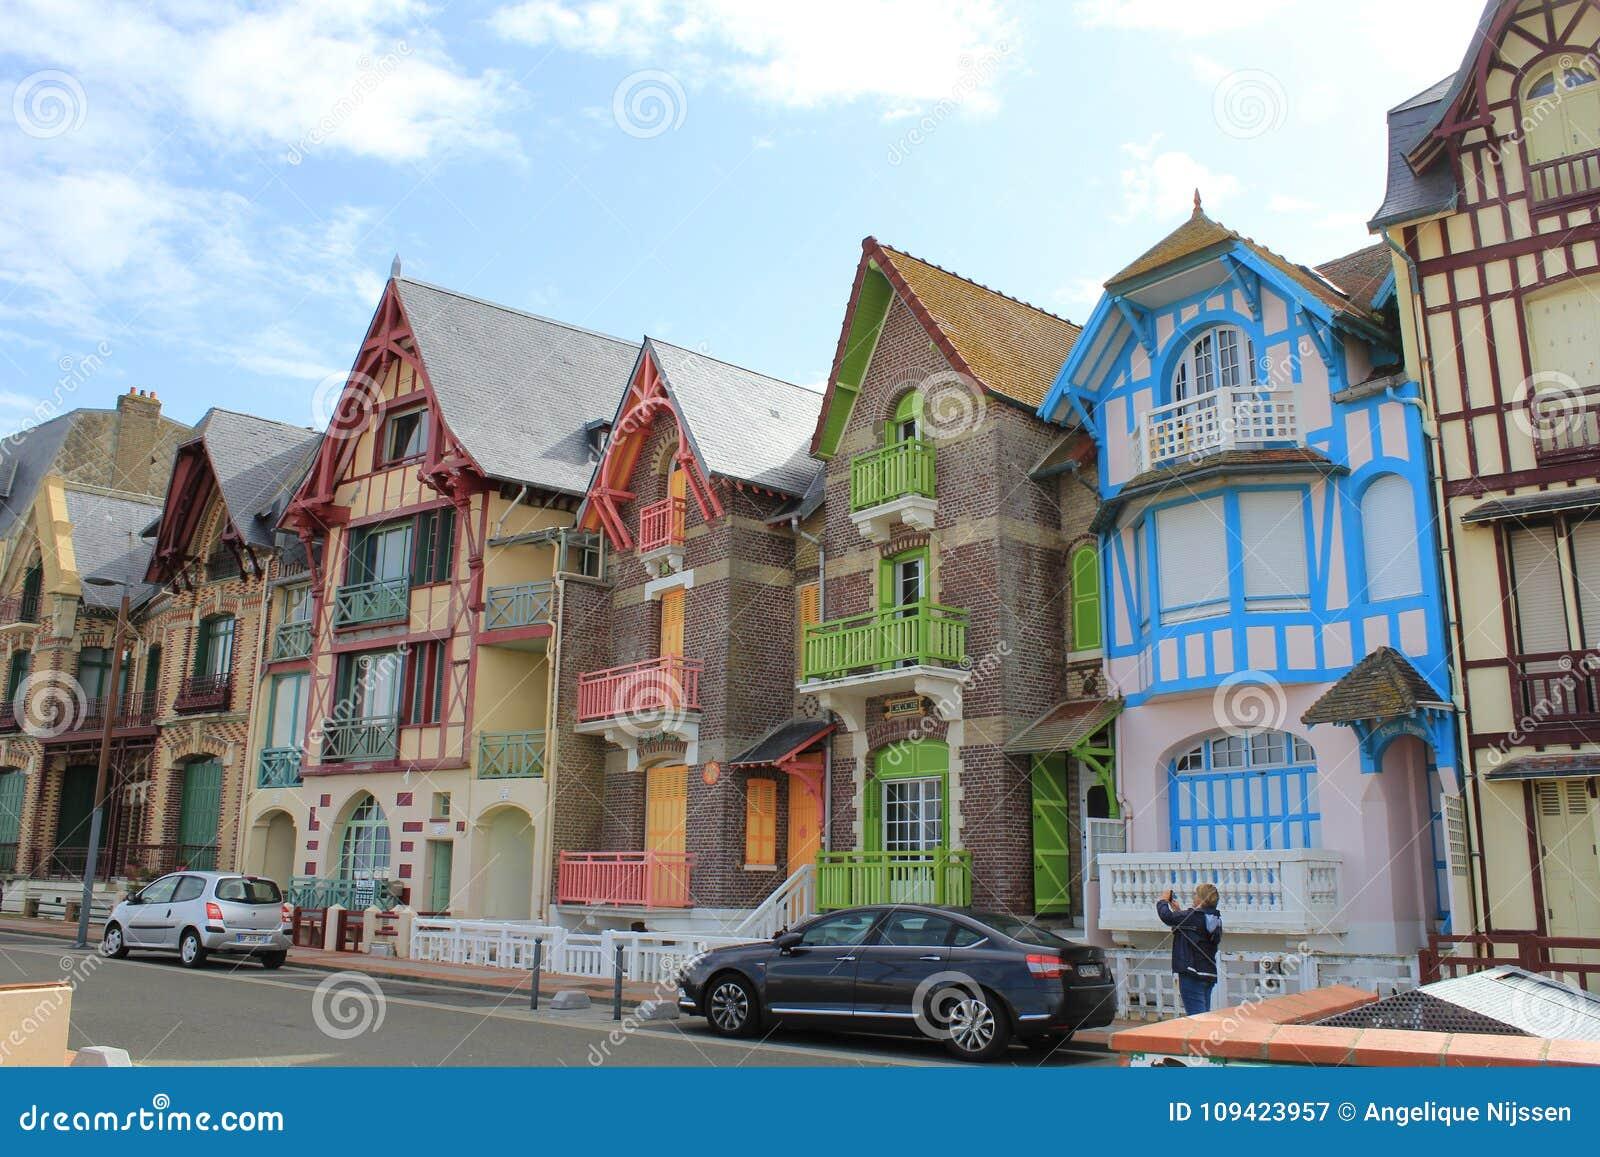 Las casas inglesas coloridas antiguas del estilo en le treport cerca de Dieppe, Francia